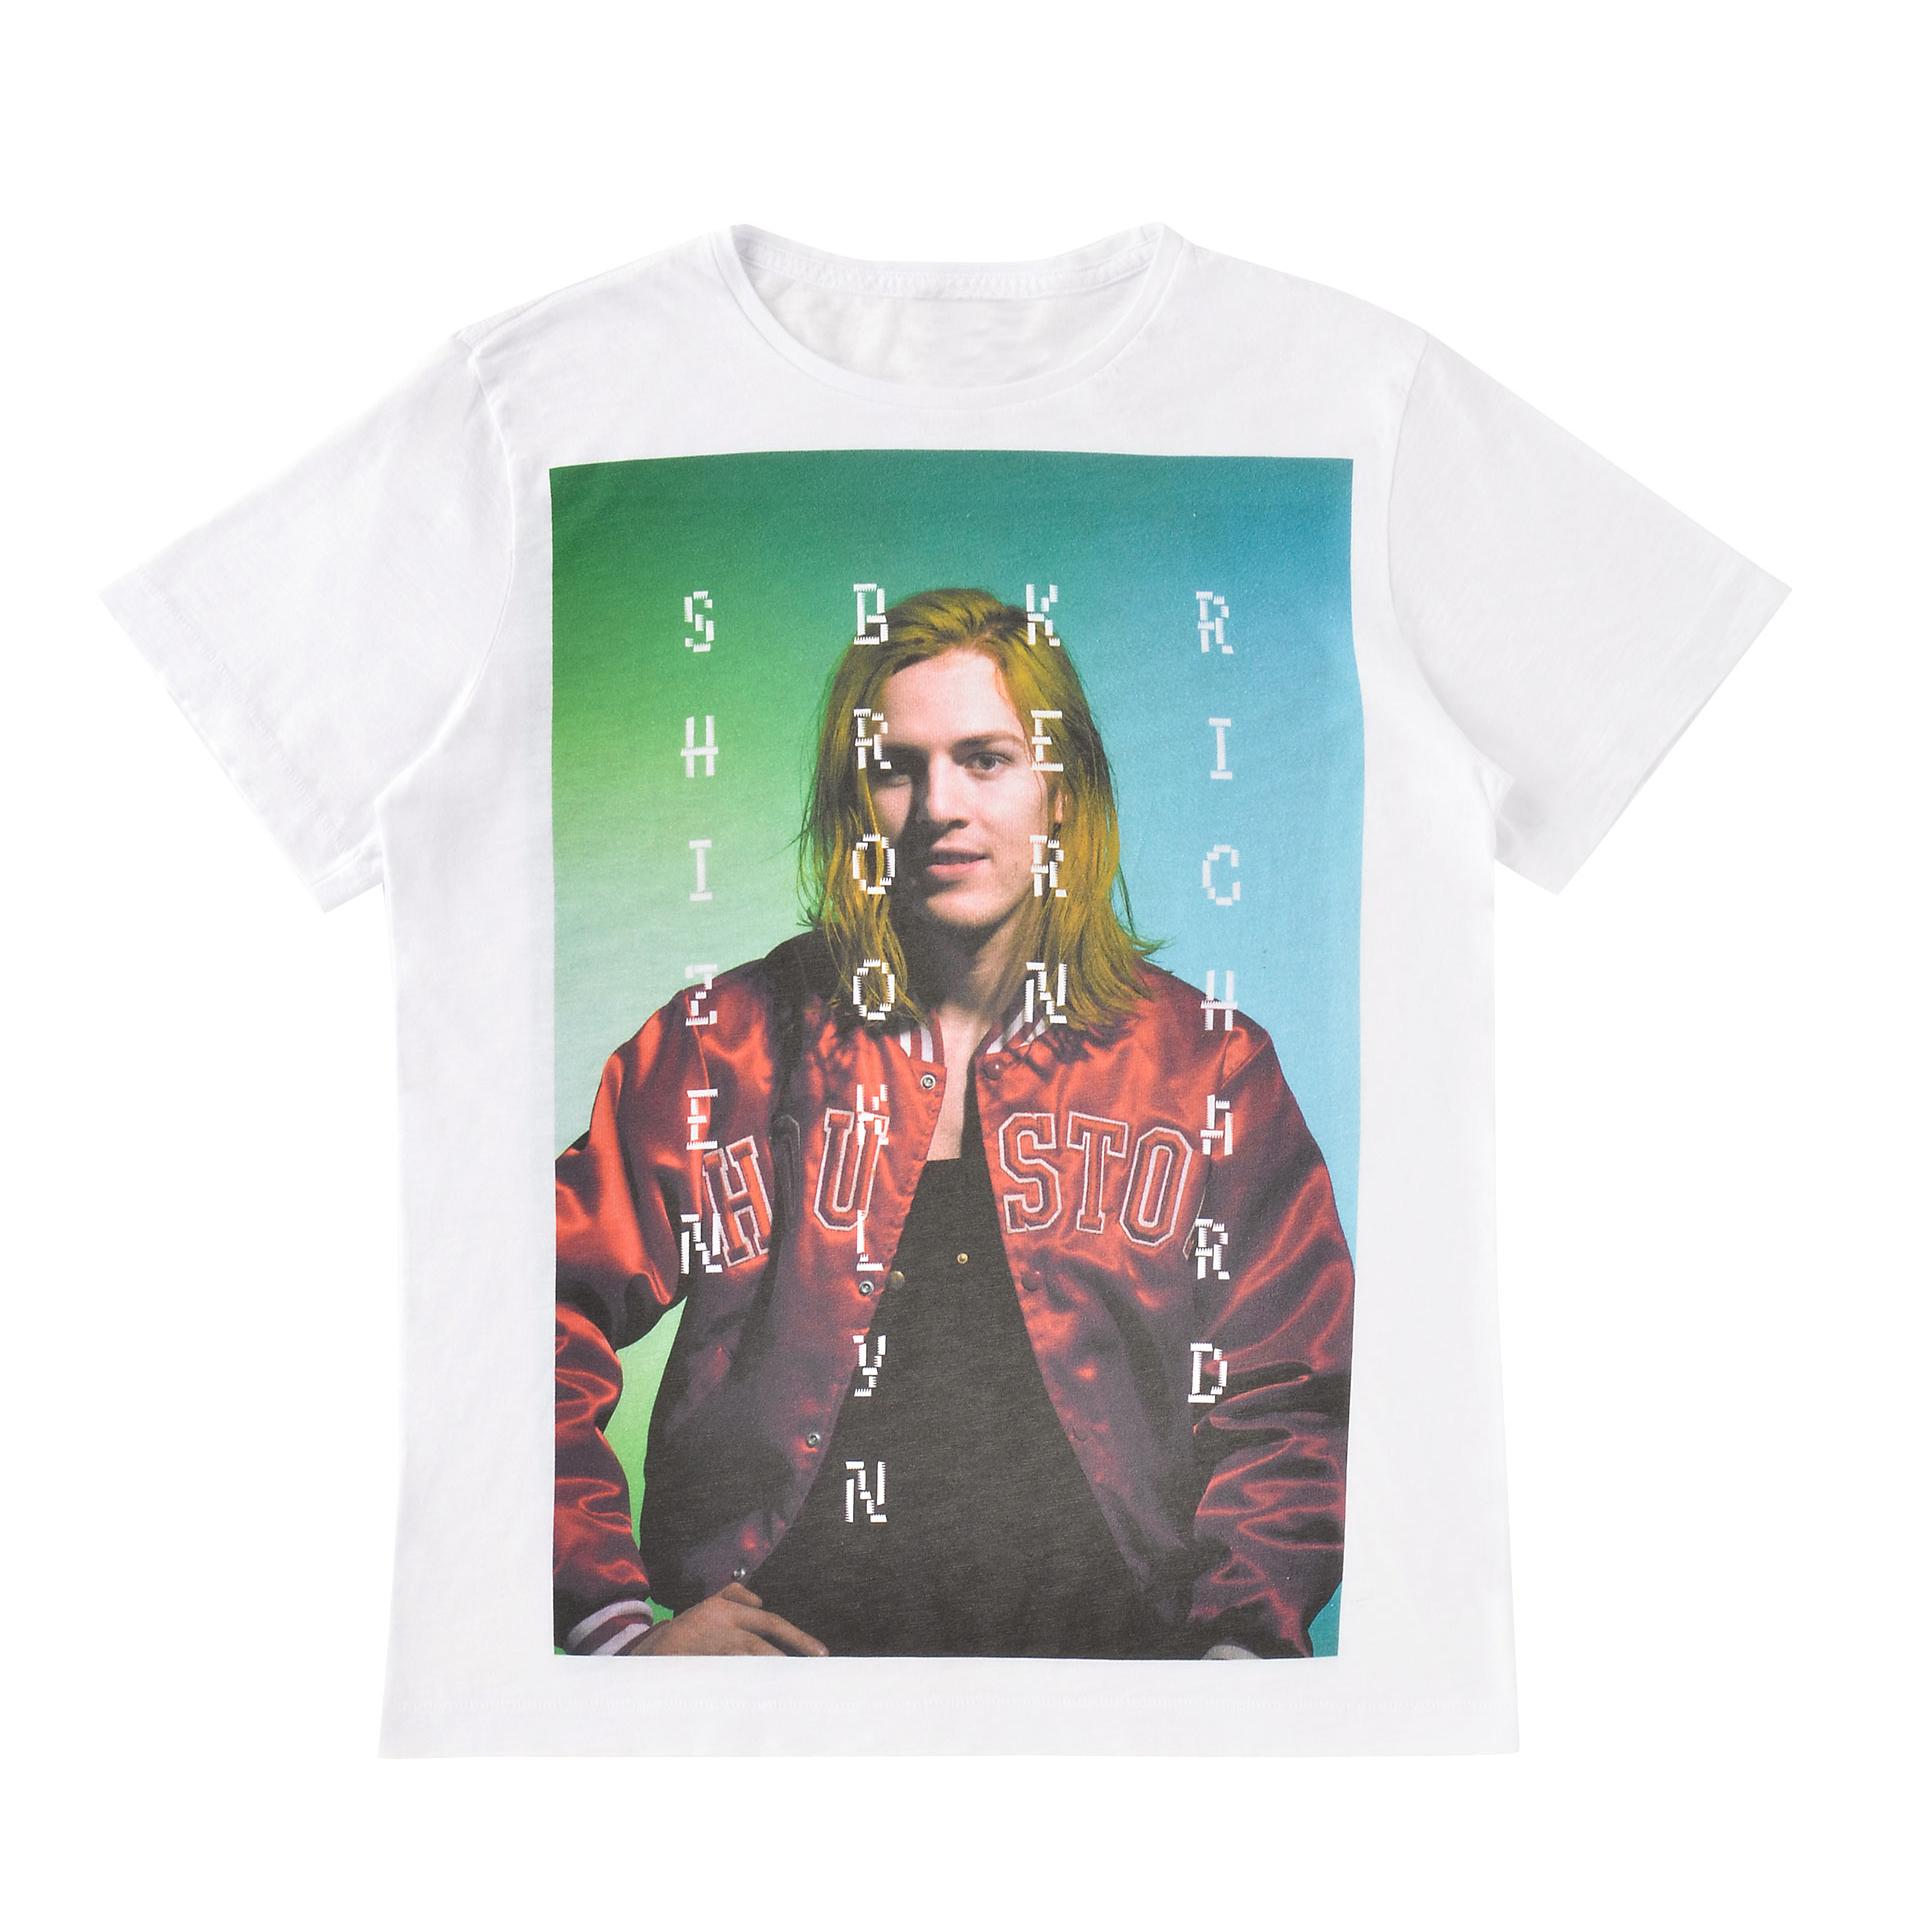 アートディレクターのピーター・マイルズが監修したリミテッドTシャツ